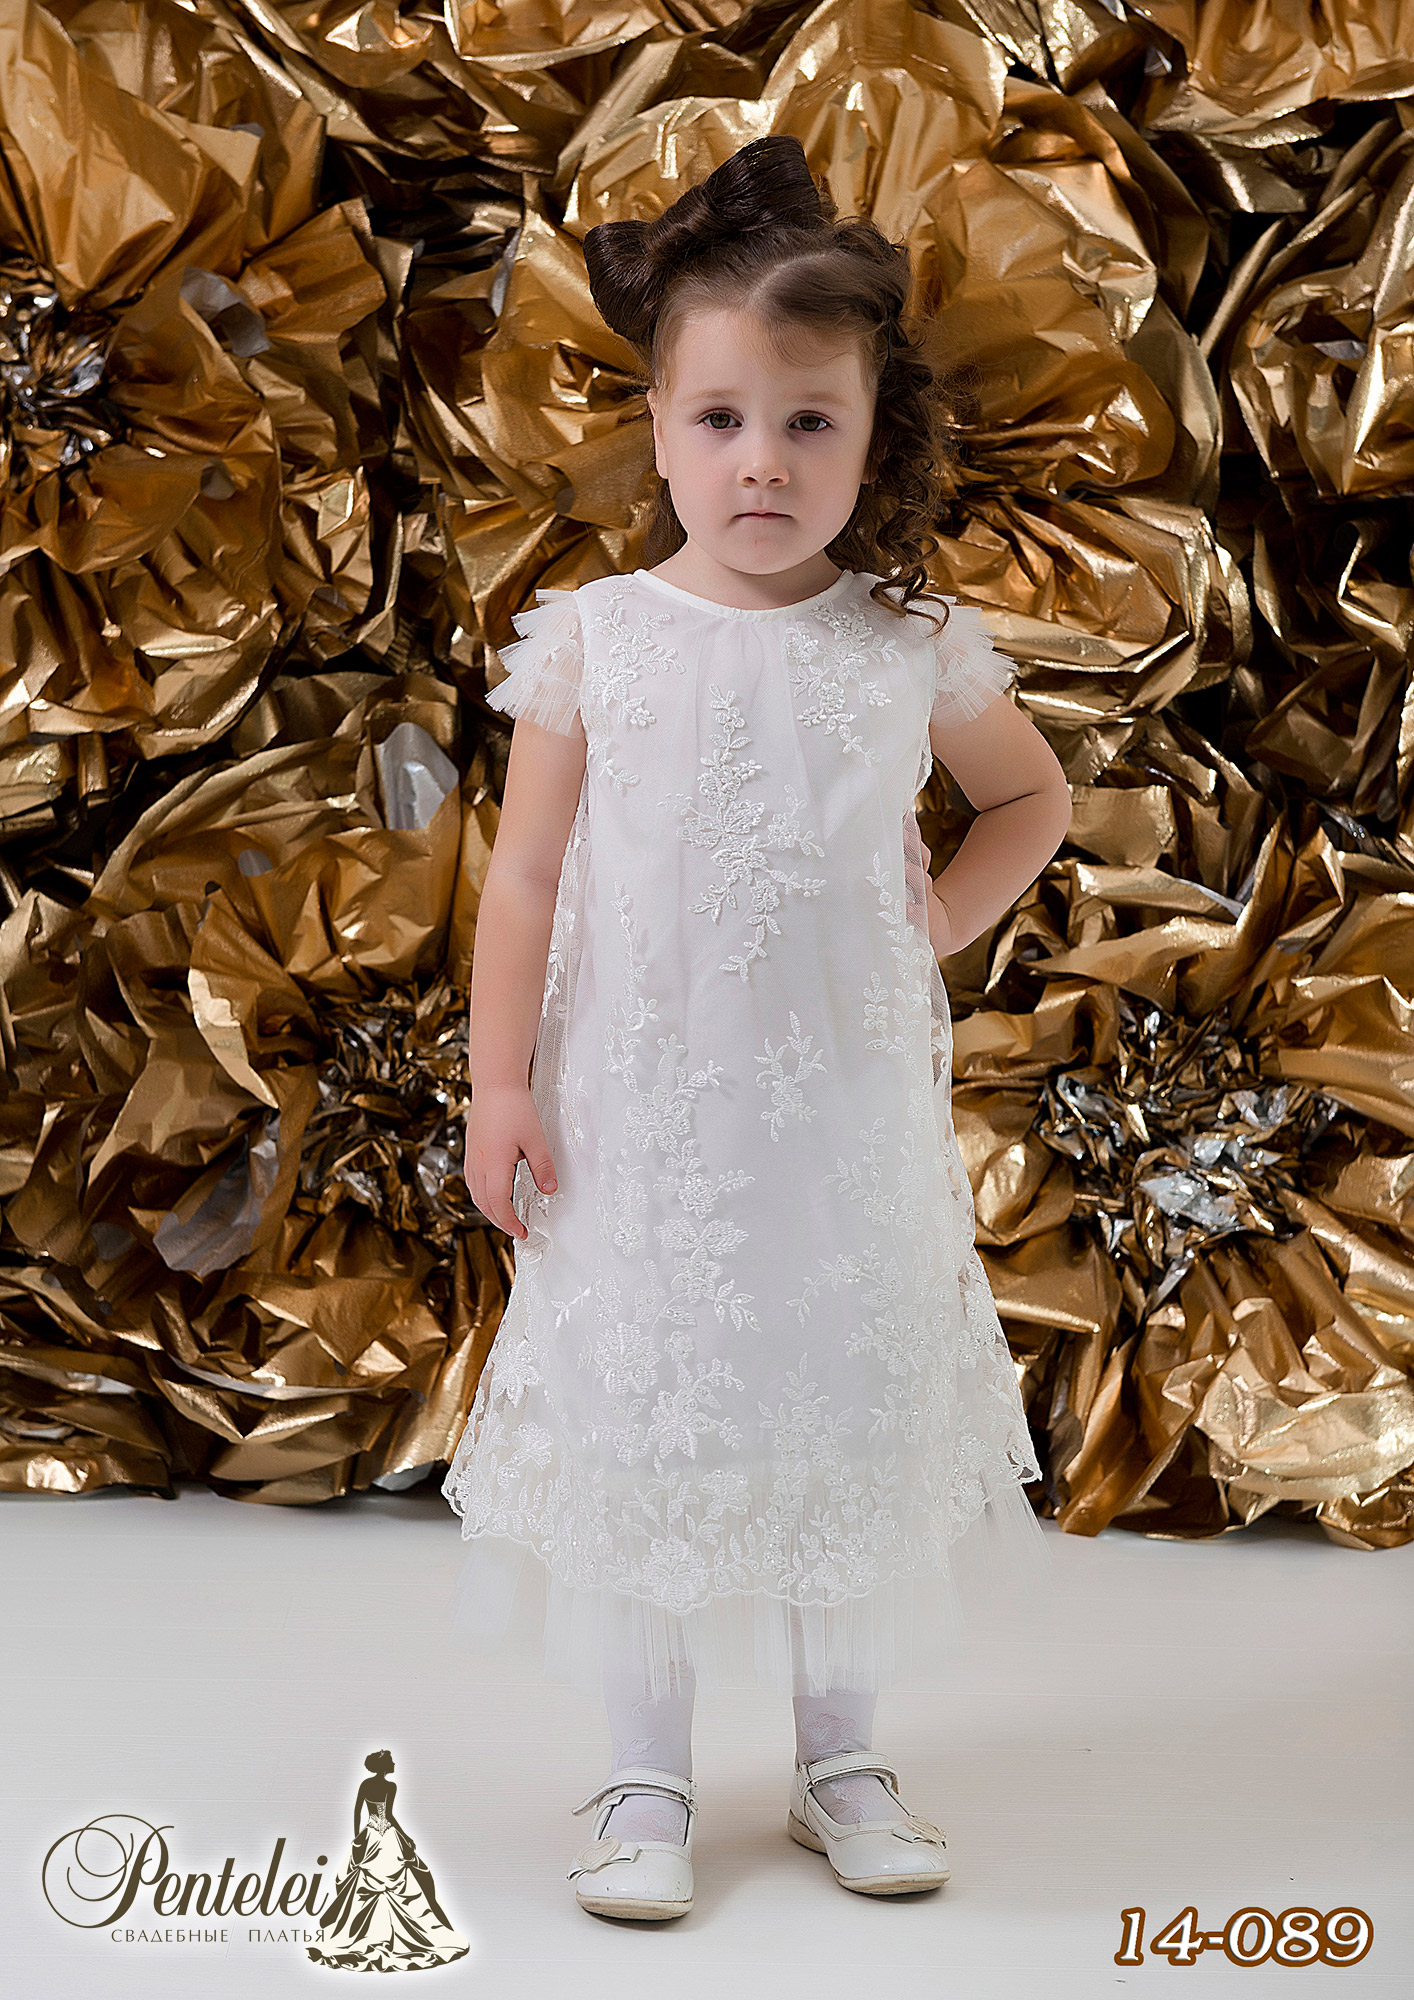 14-089   Купити дитячі сукні оптом від Pentelei